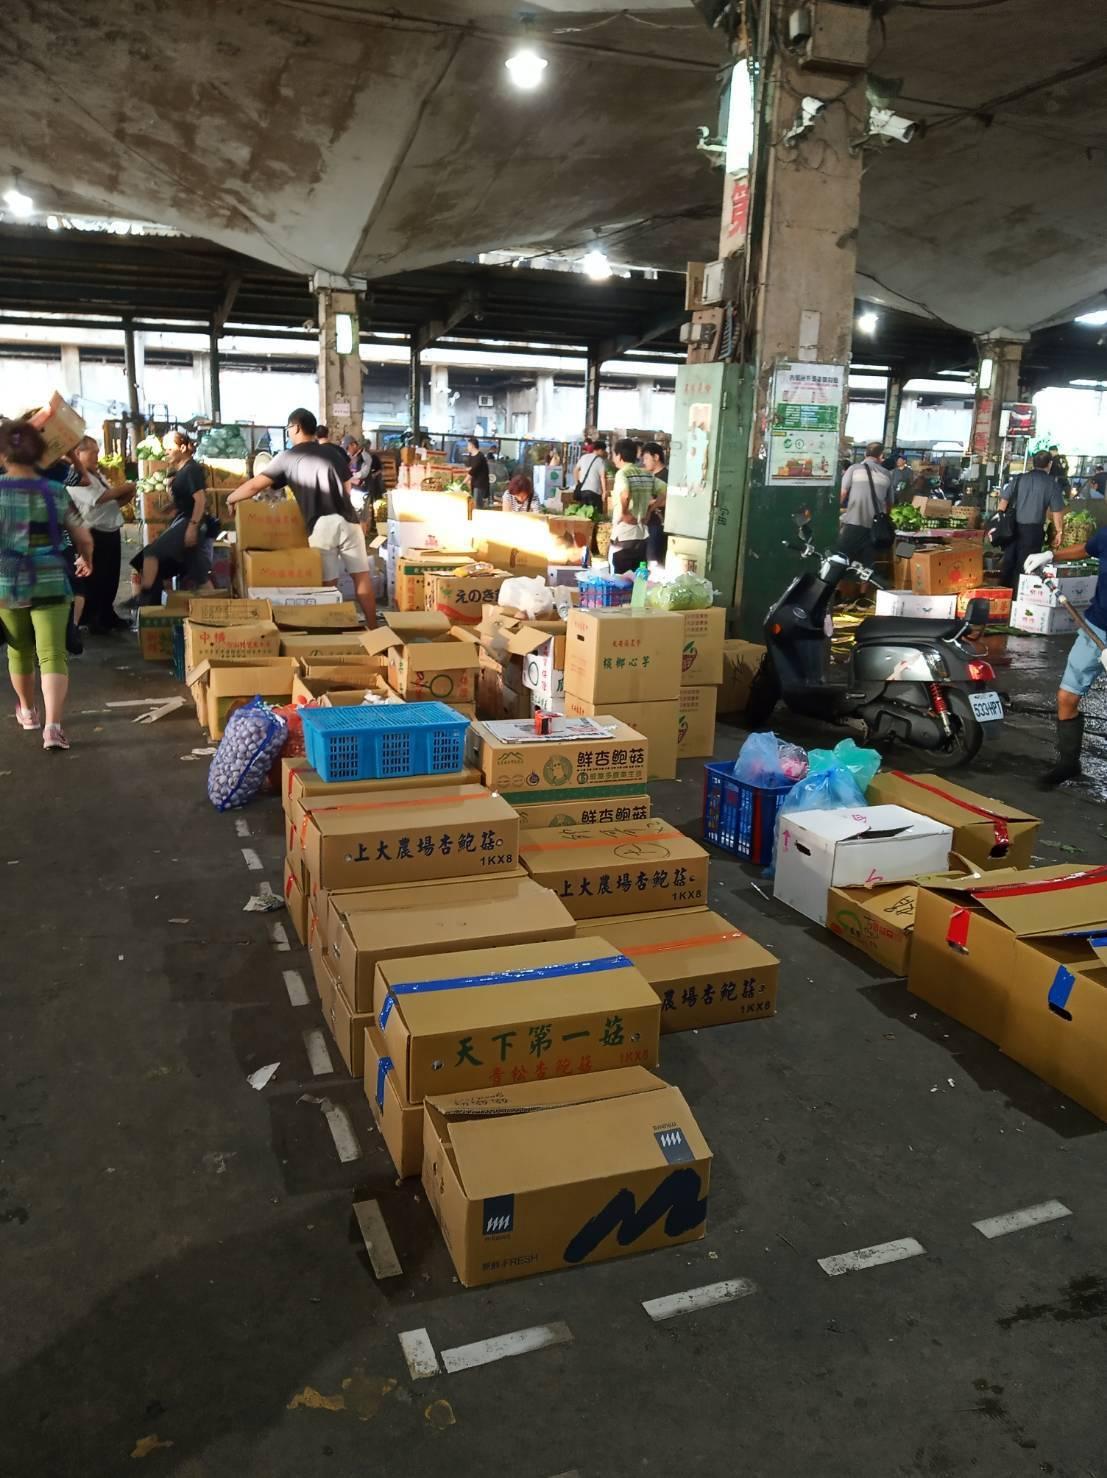 第一果菜批發市場傳出有公用卸貨空間,遭北農公司常務董事王慶中長年當拍賣區占用,還...